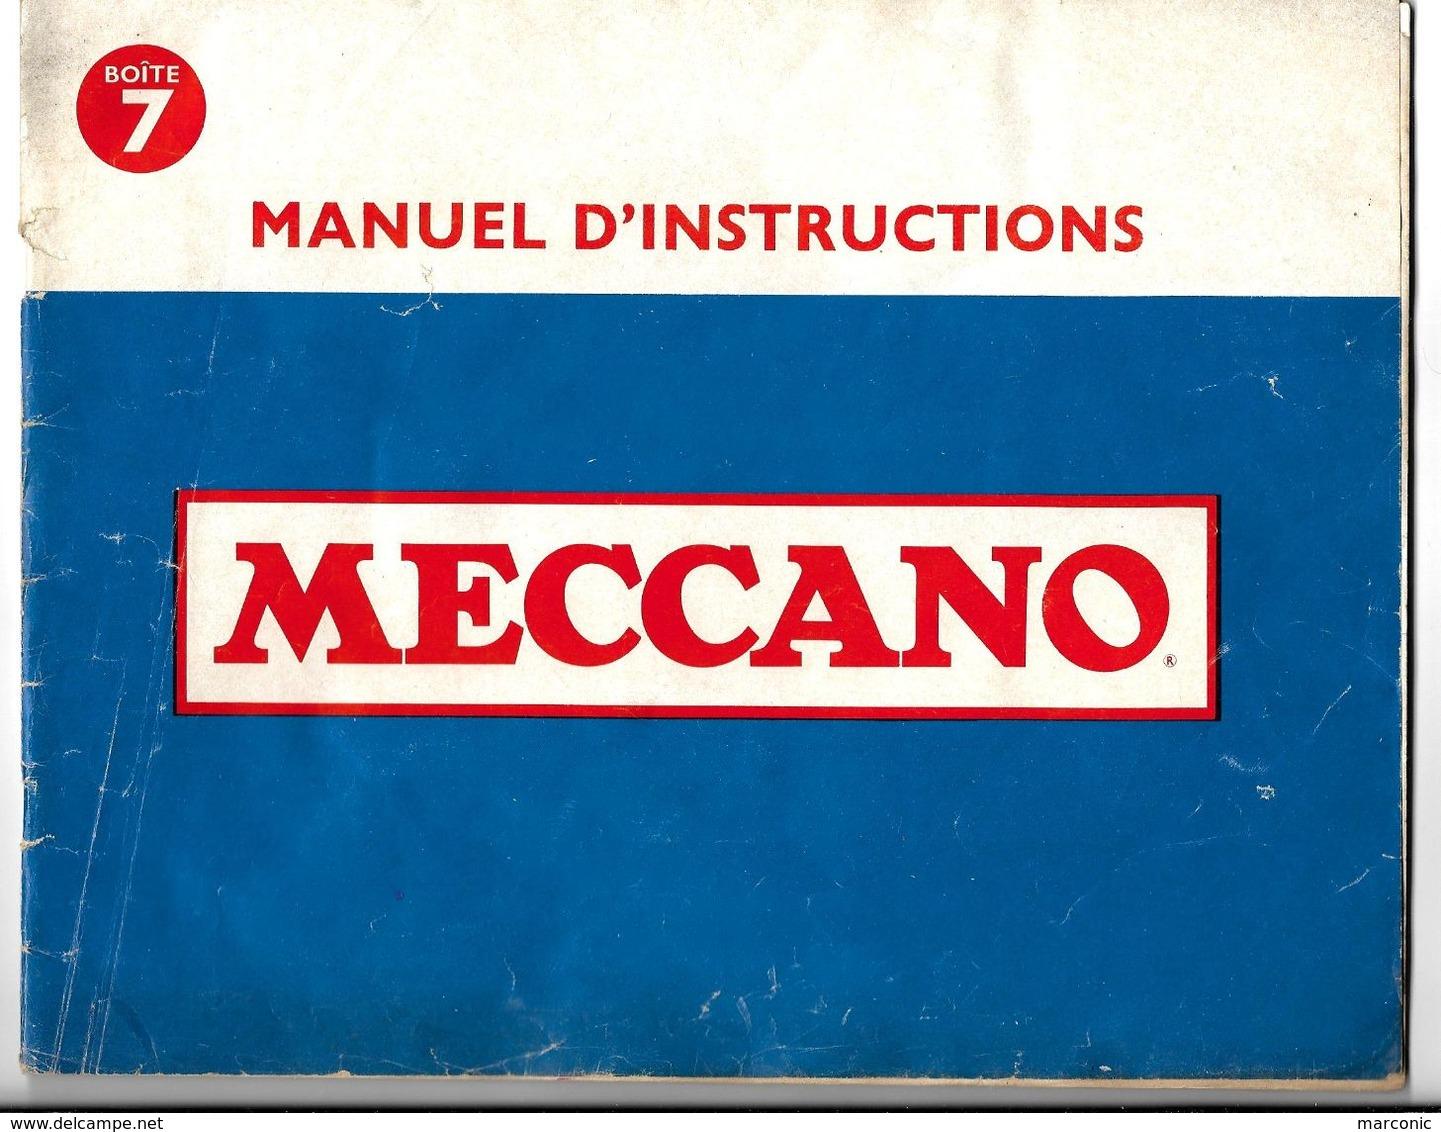 MANUEL D'INSTRUCTIONS  MECCANO - Boîte N° 7 - Meccano